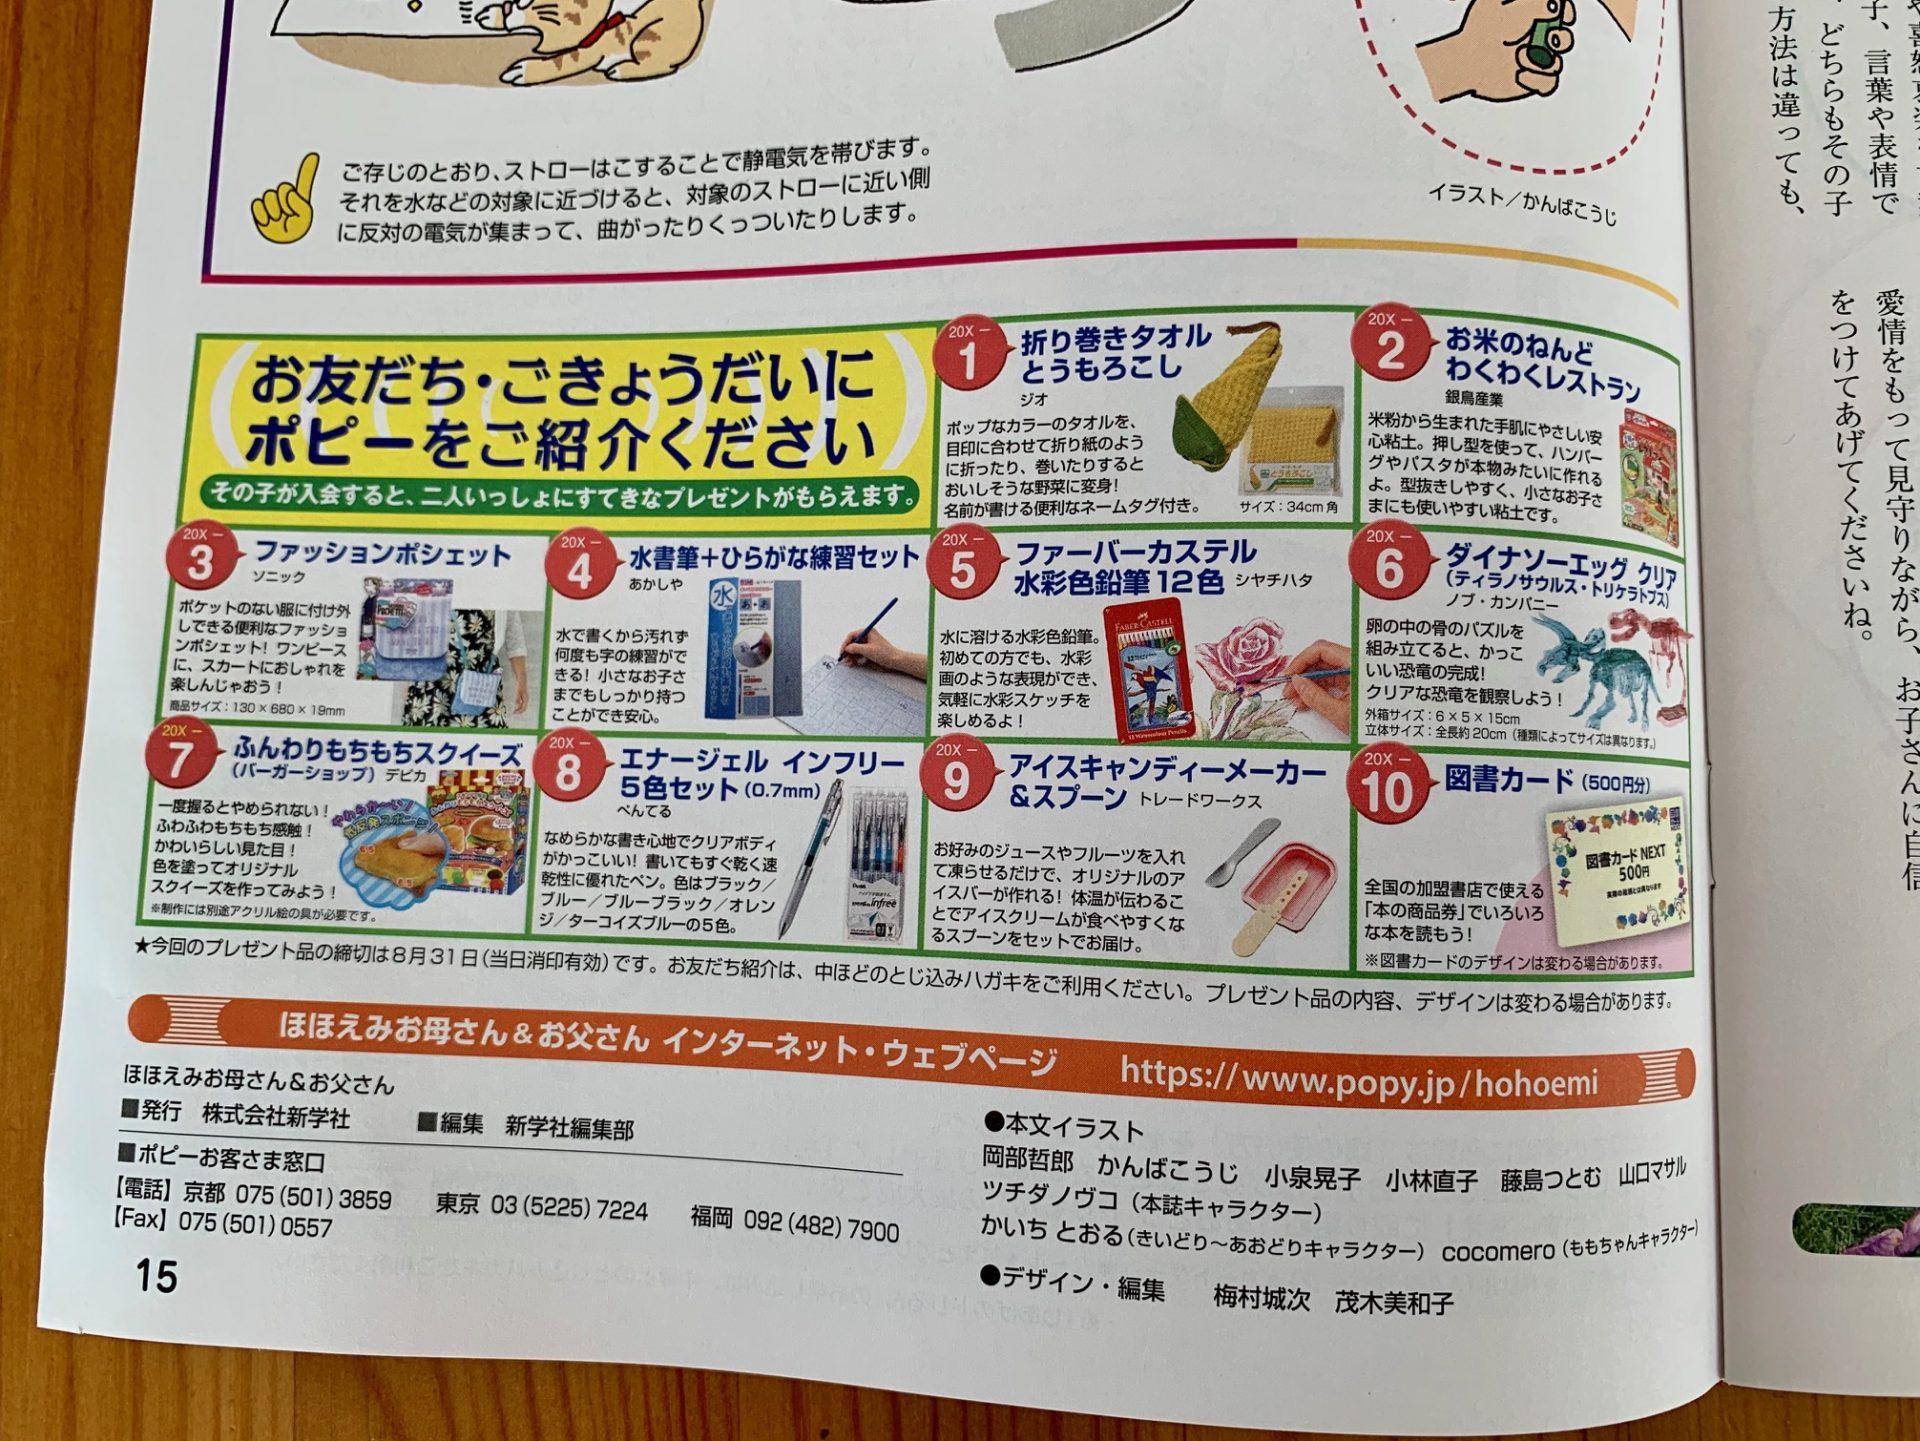 ポピー友だち紹介プレゼントの内容(2020年08月末まで)